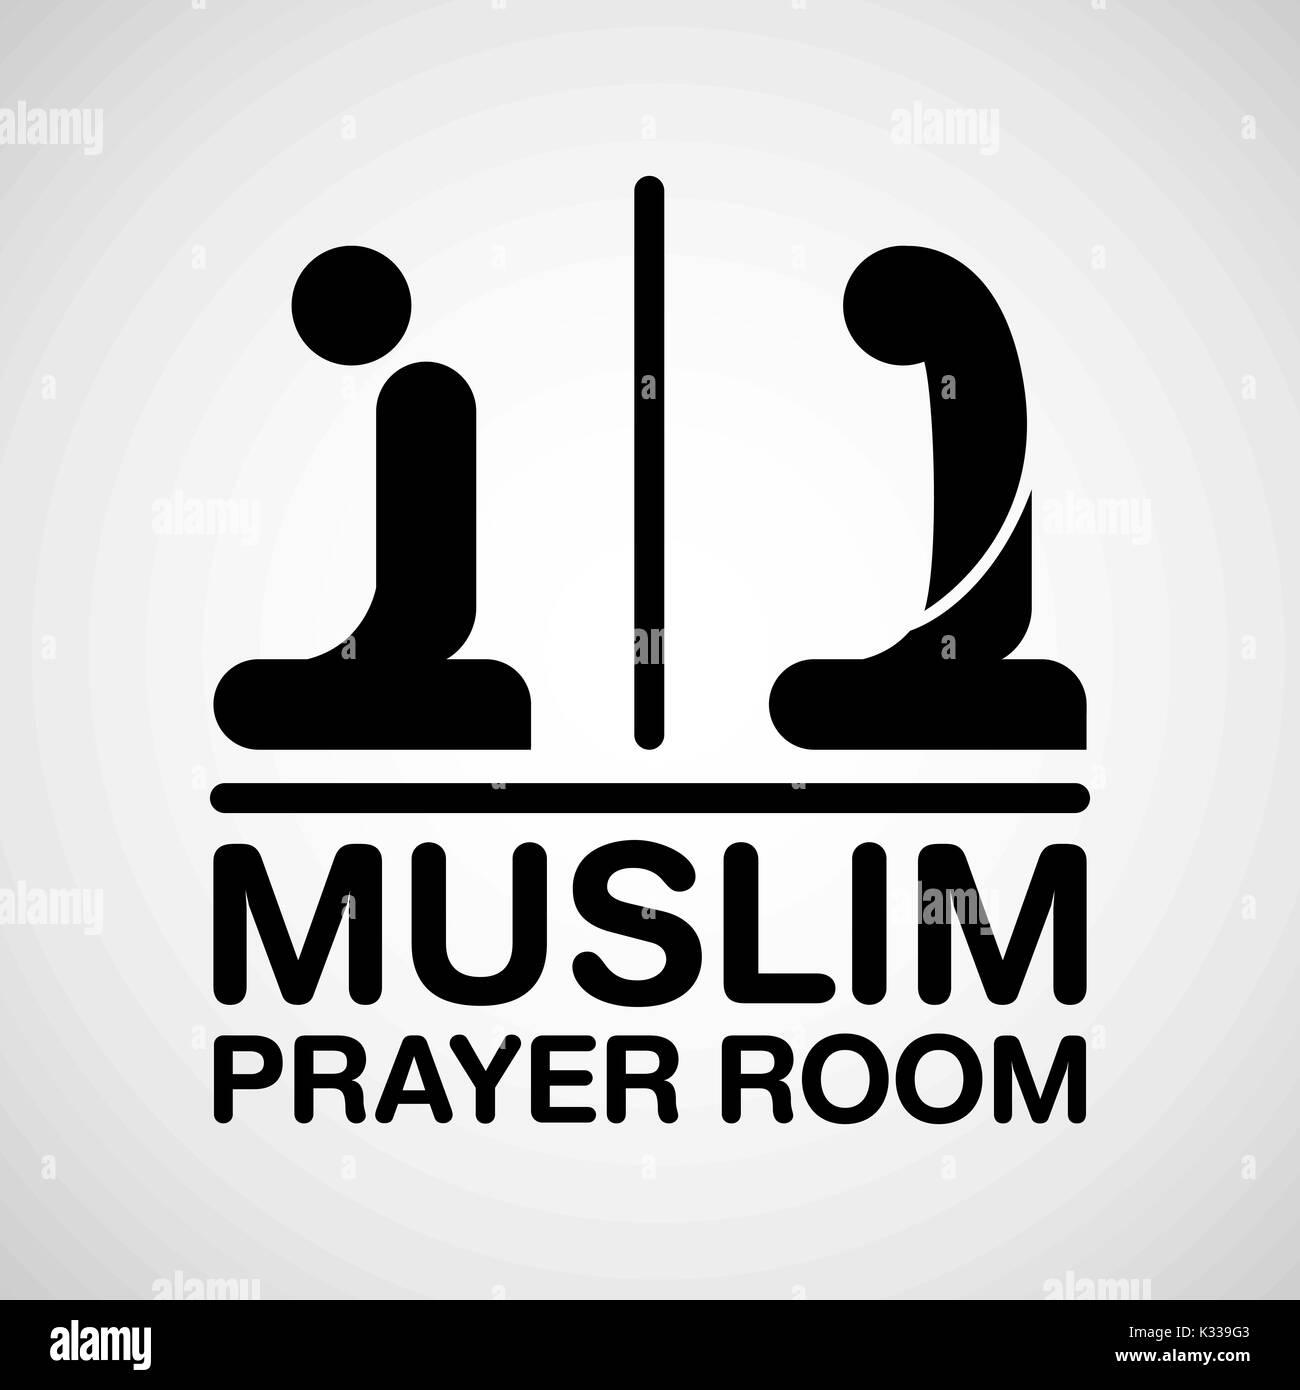 Prayer Room Live